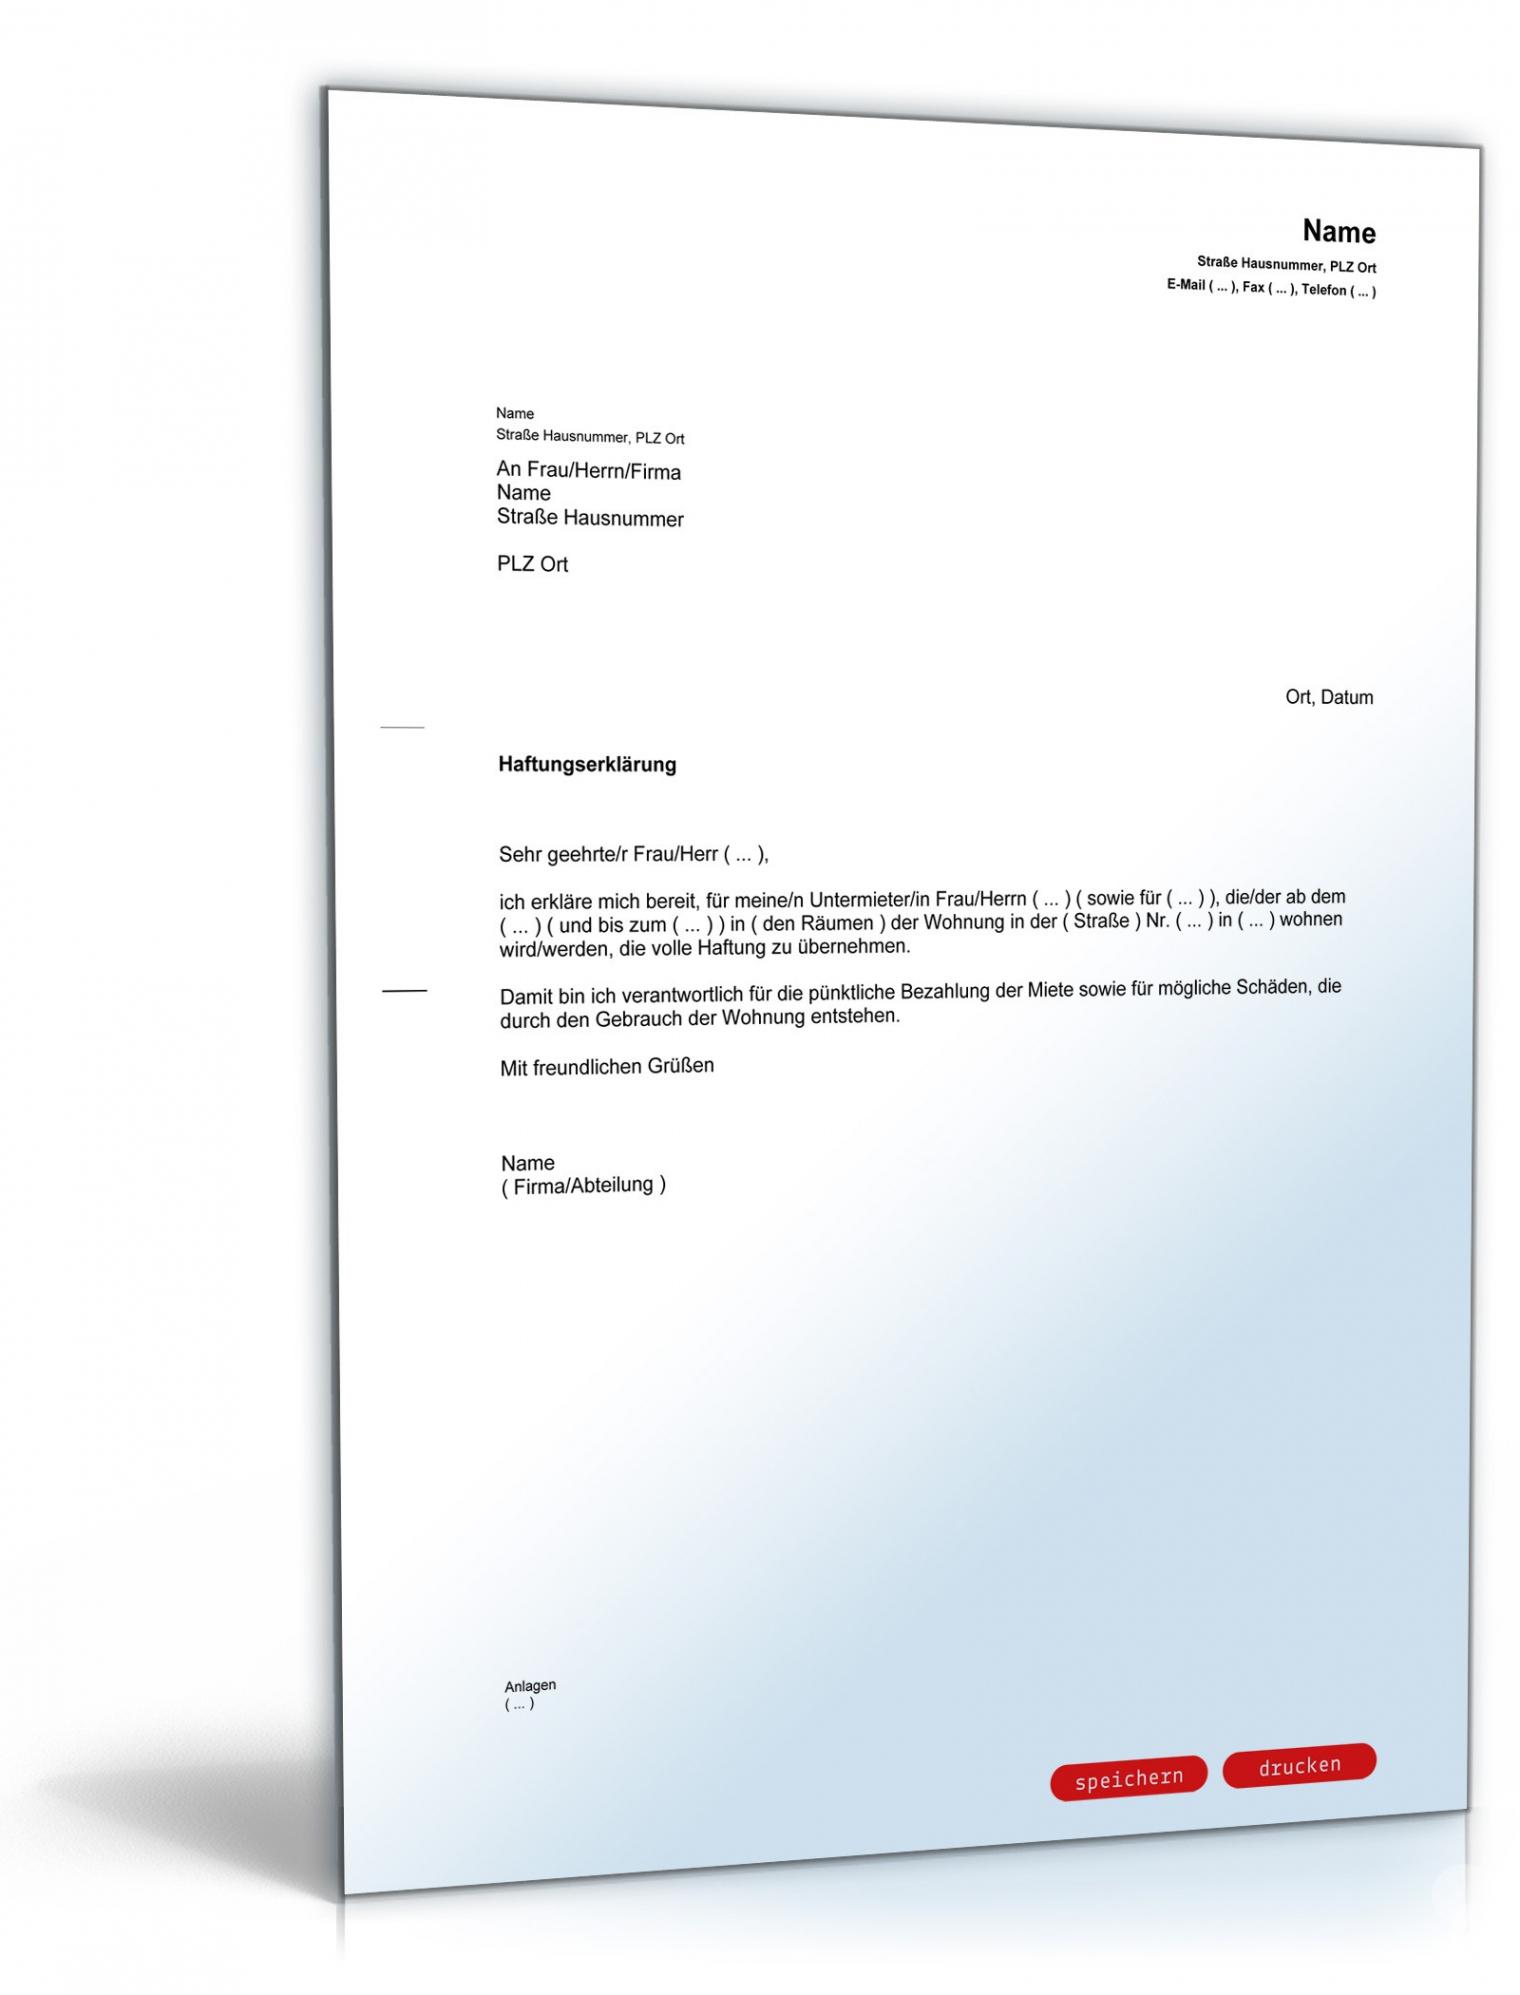 Beste Kündigung Auf Ärztlichen Rat Vorlage Agentur Für Arbeit PDF Bearbeitbar